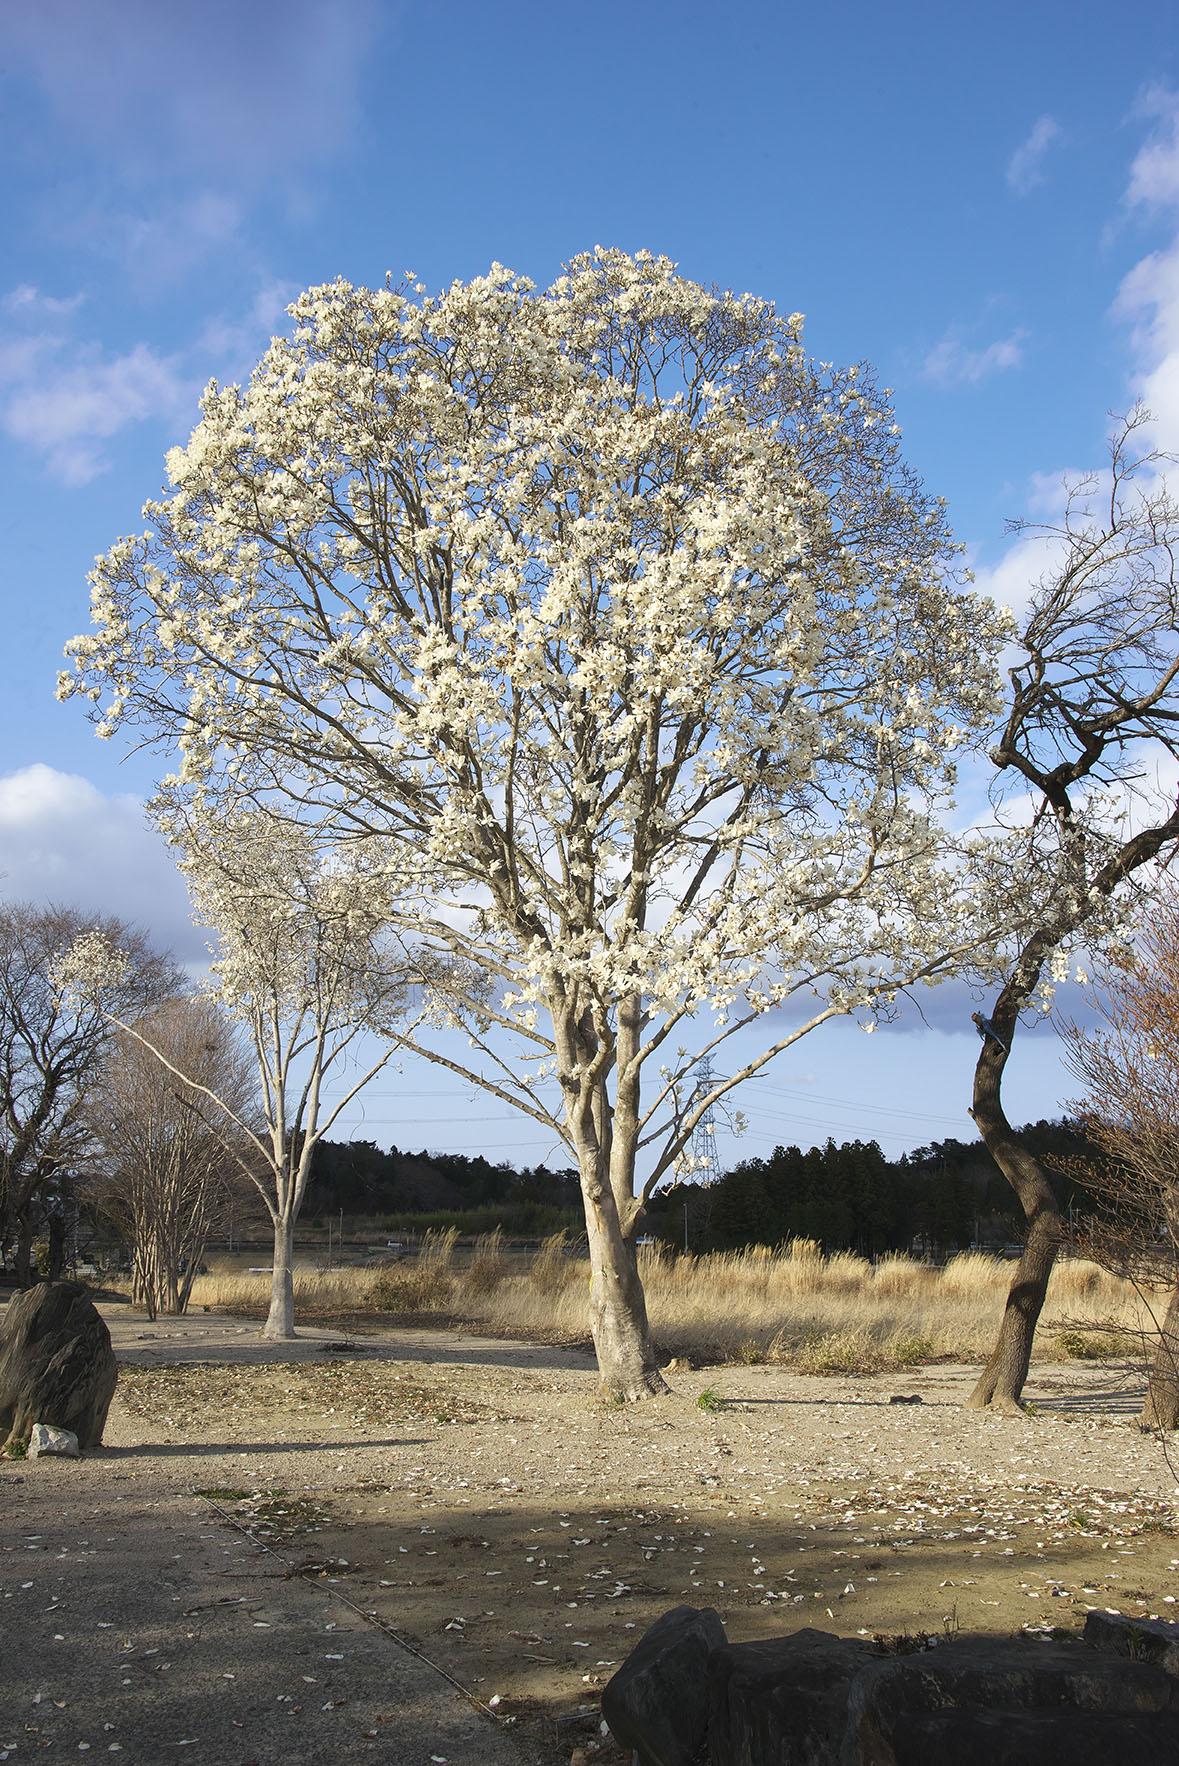 突然、輝くばかりに咲き誇るモクレンが現れた。夢のような景色だった。